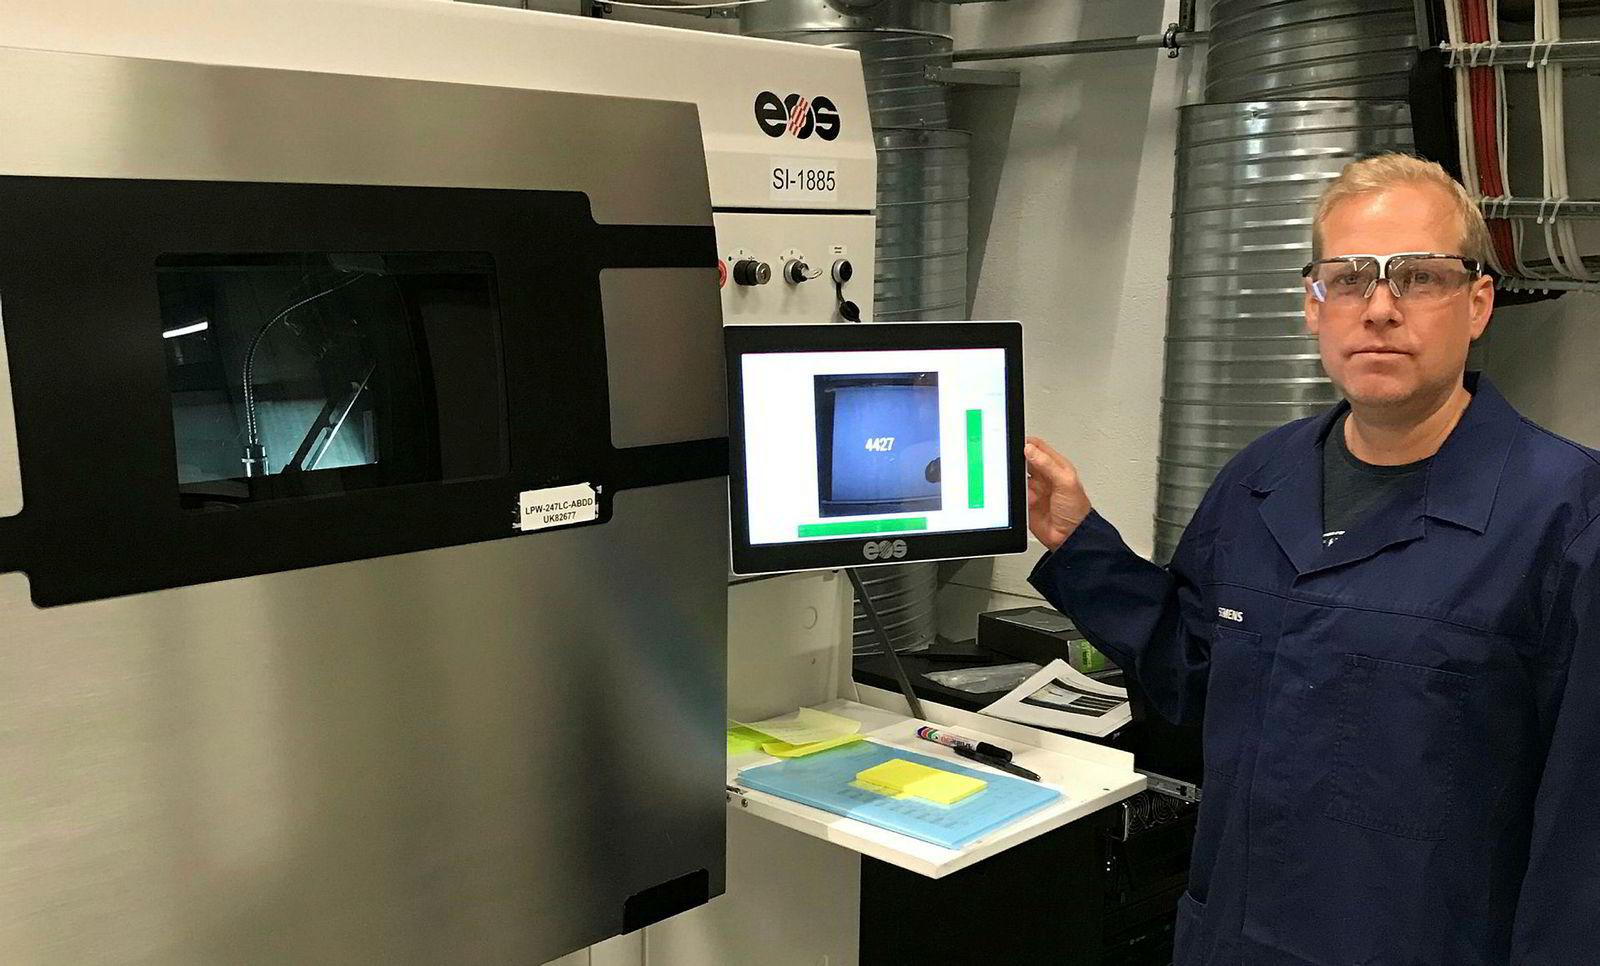 Jonny Valette startet som printoperatør for to år siden. Nå jobber han med å optimalisere de digitale systemene som styrer 3D-printerne.